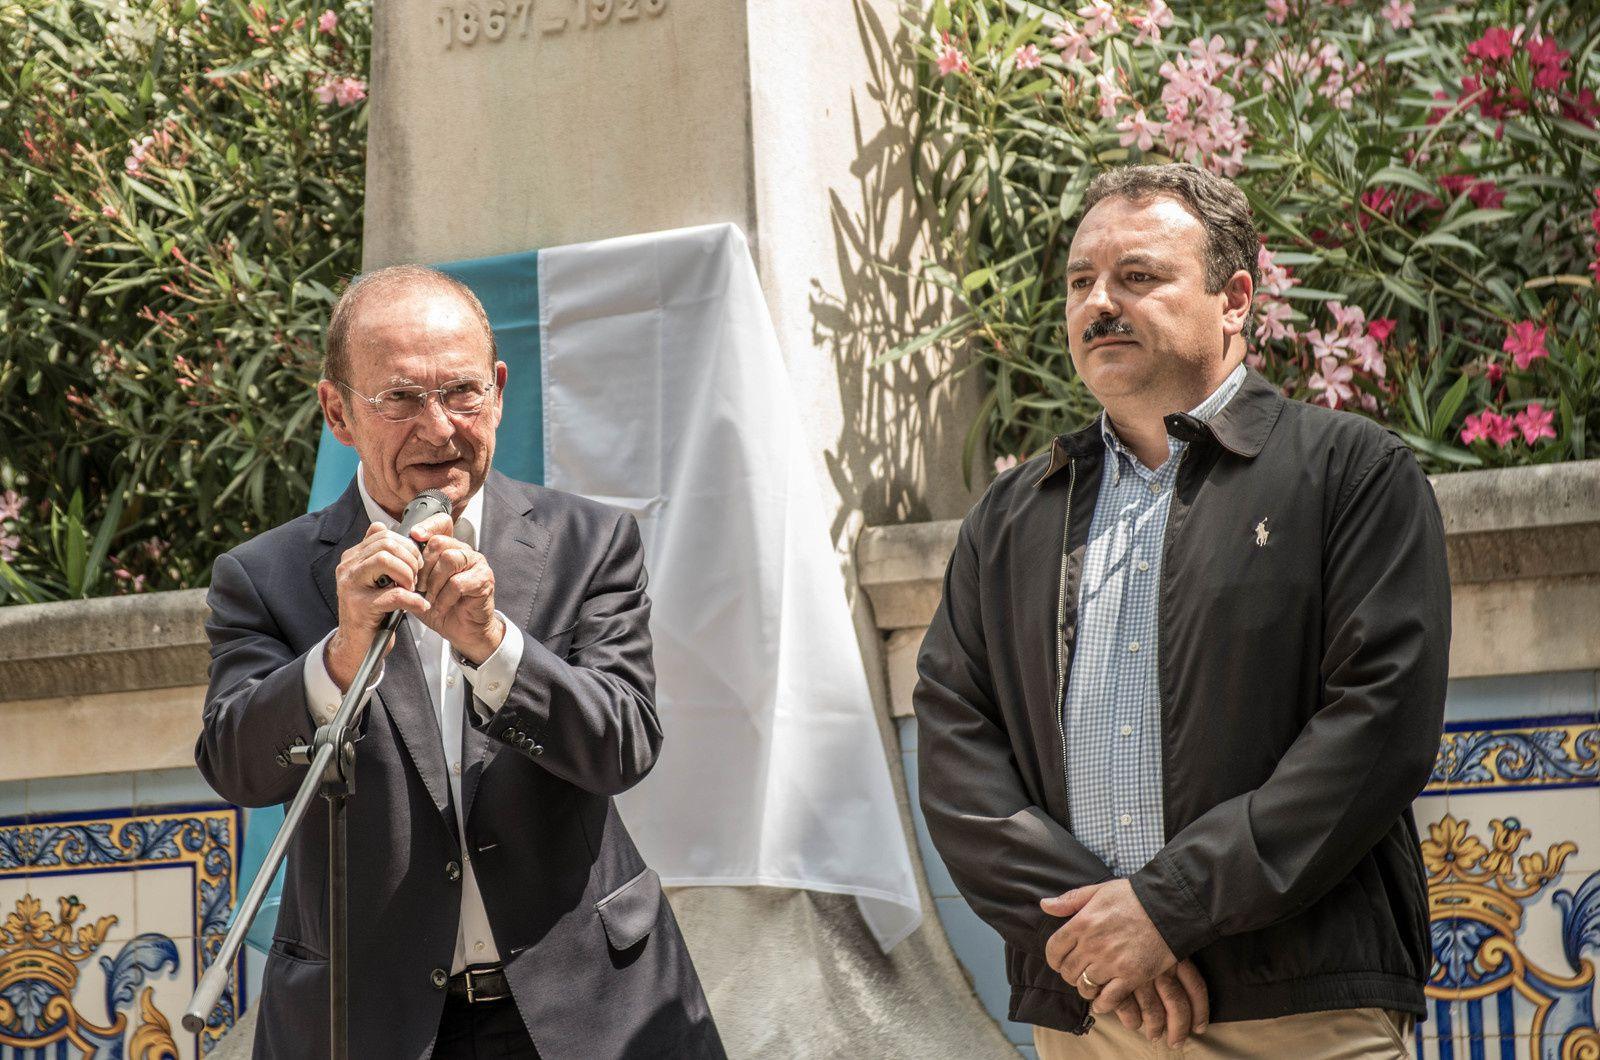 Dévoilement de la plaque des 150 ans de Blasco Ibañez à Fontana Rosa par M. le Maire de Menton et par le Président du Cercle